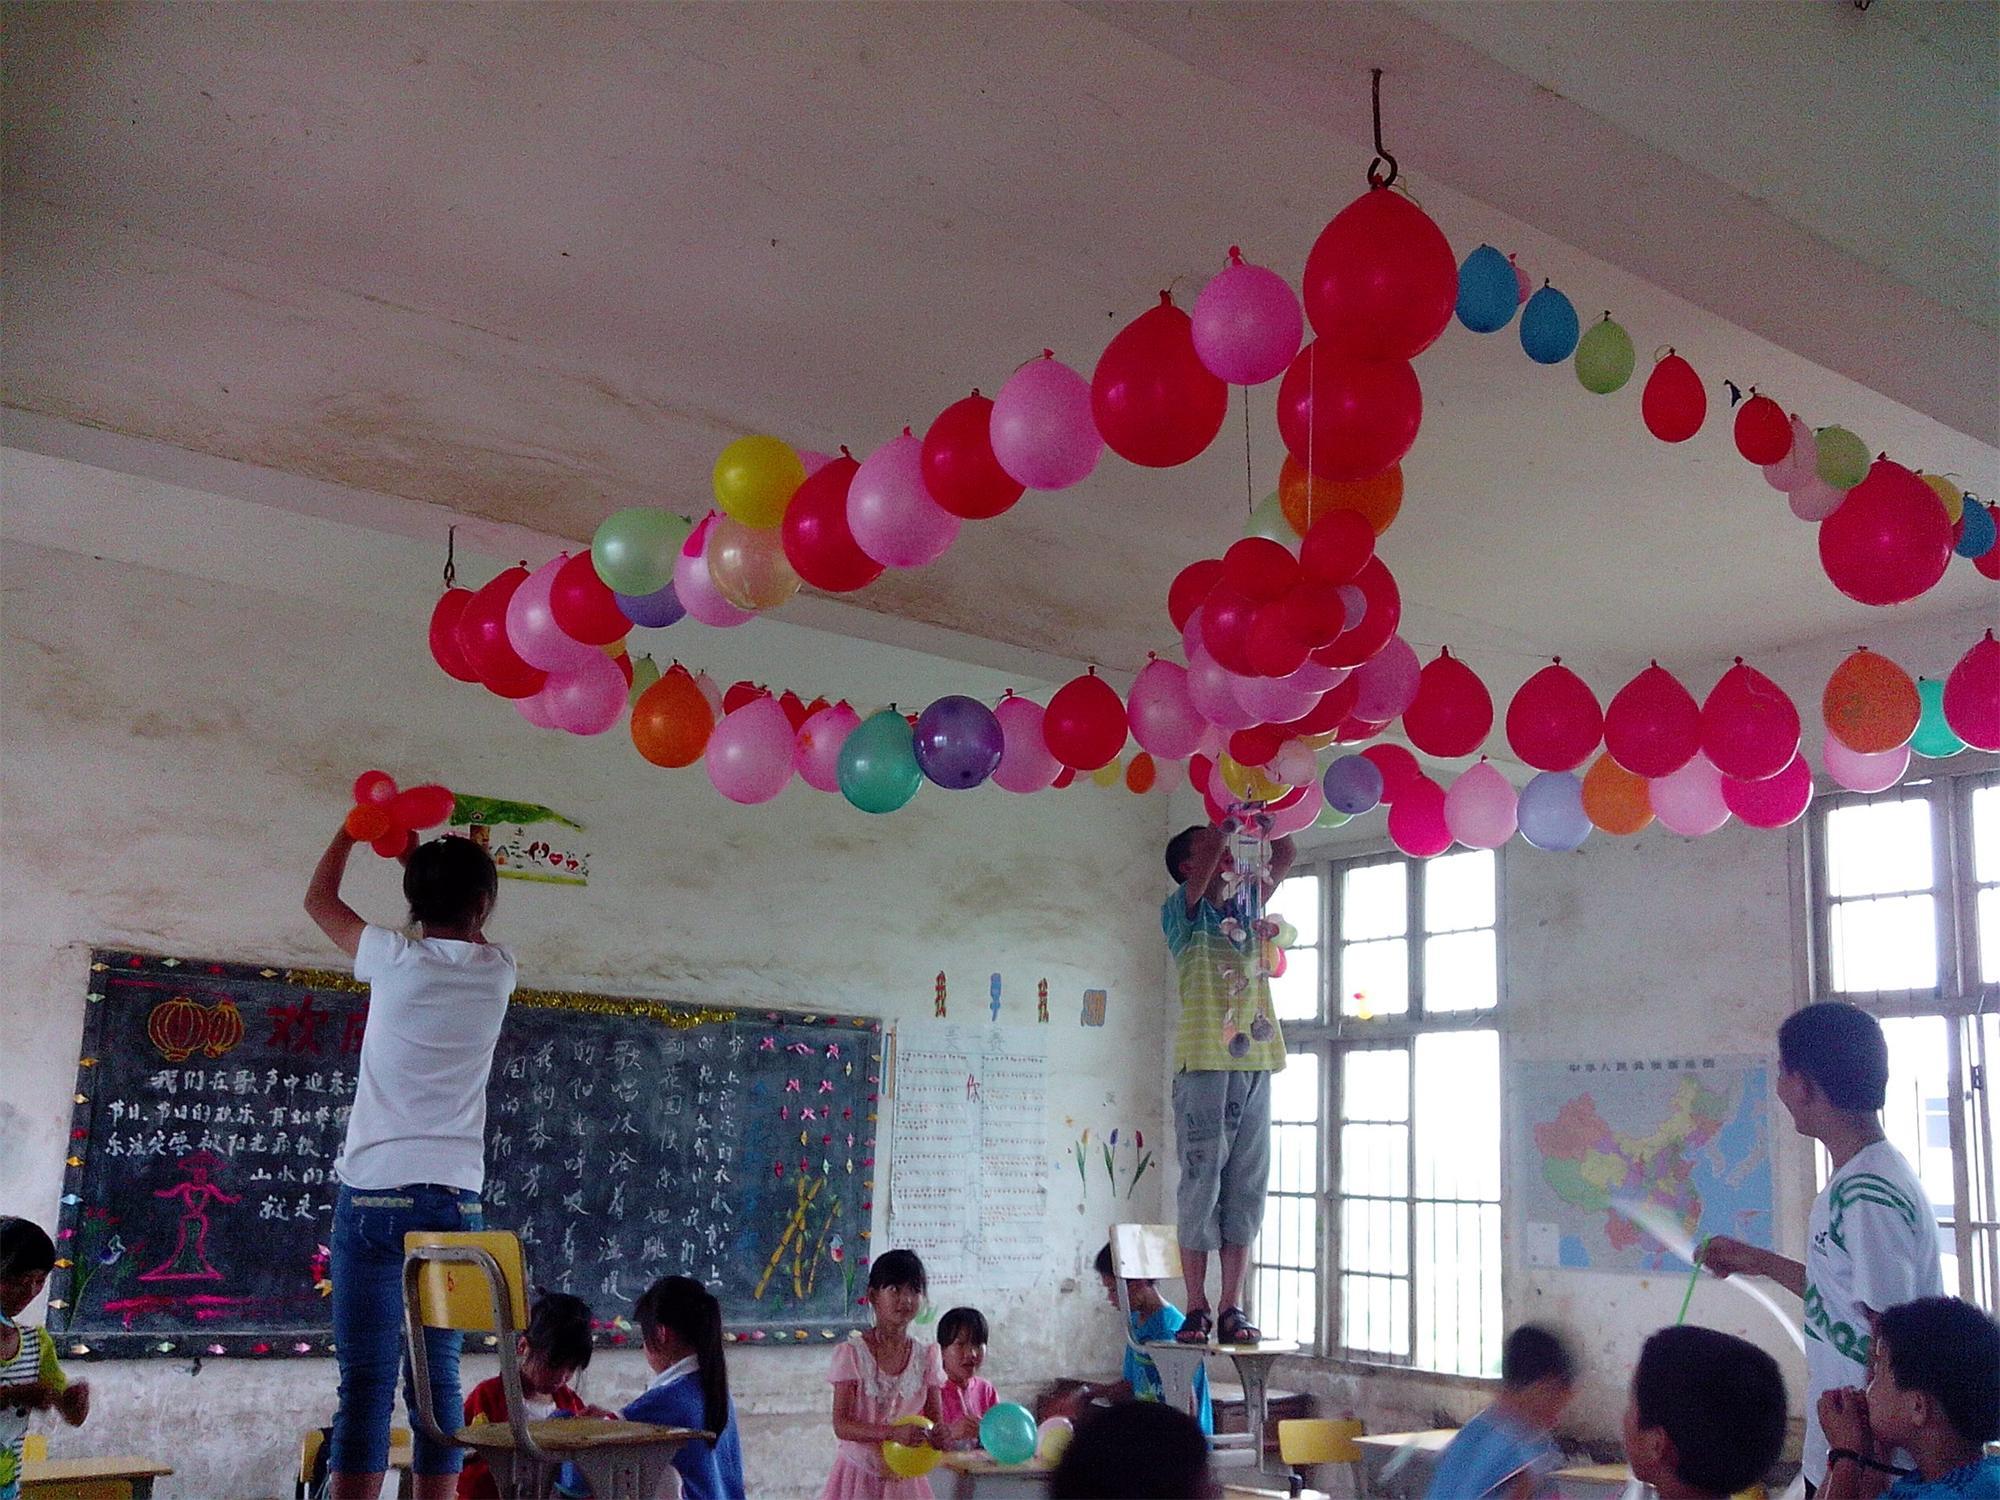 为庆祝六一,老师为学生布置教室图片